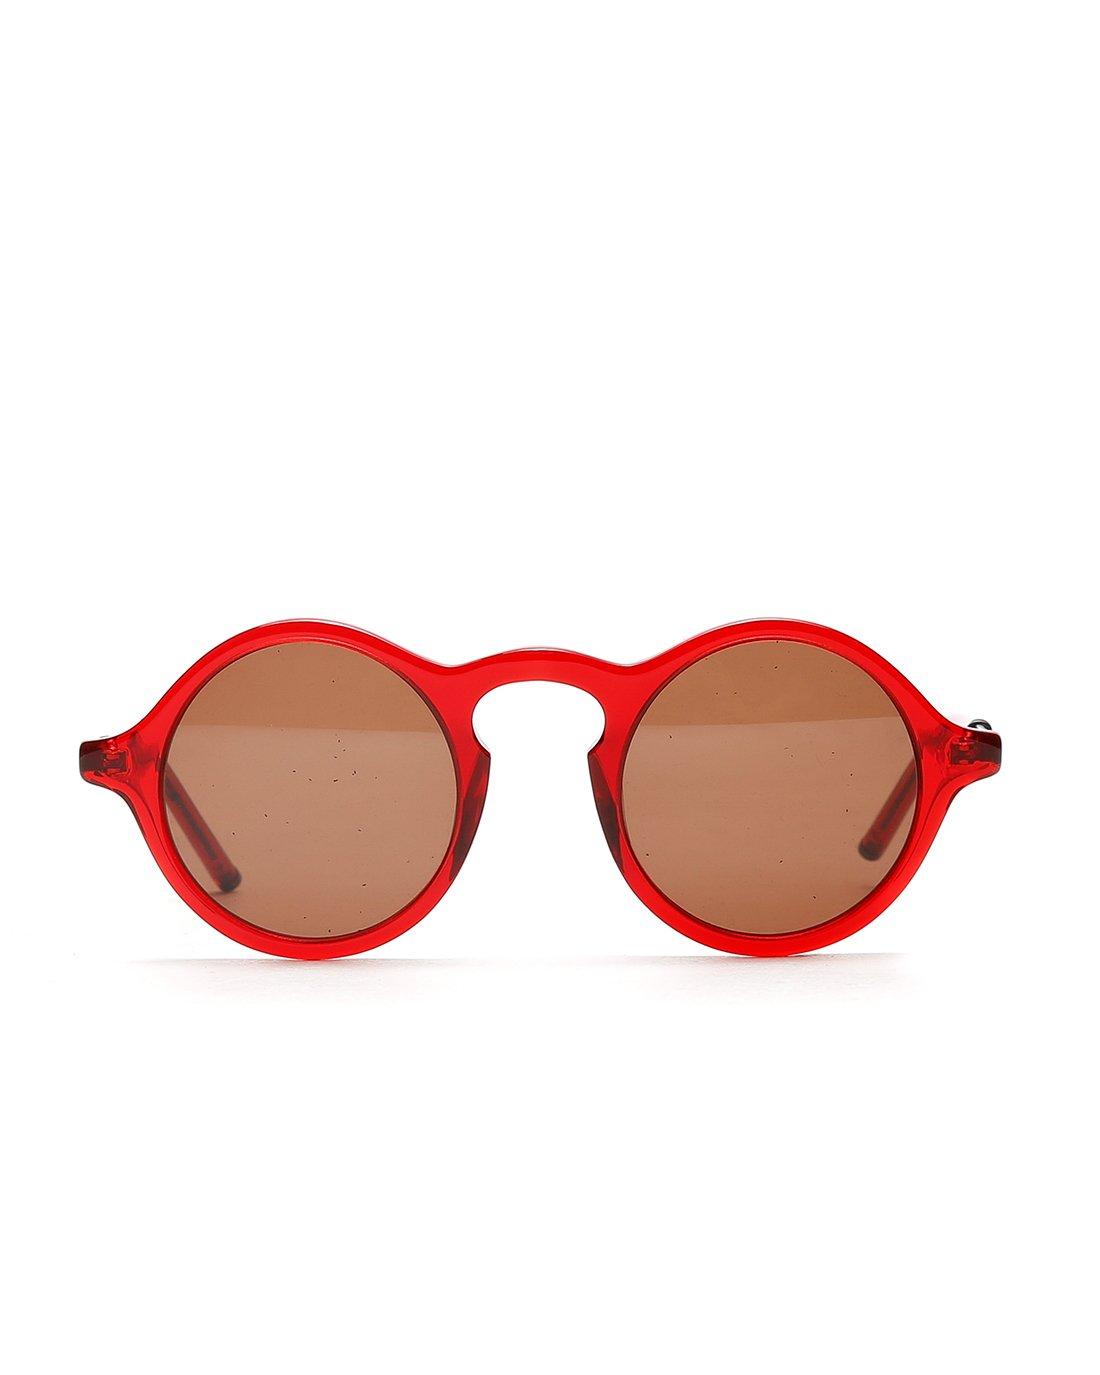 Leselinsen/Geeigneit für Sonnenbrillen/Weitsichtige/Spobrillen/LHZ200/+2.00D BuwQ22y